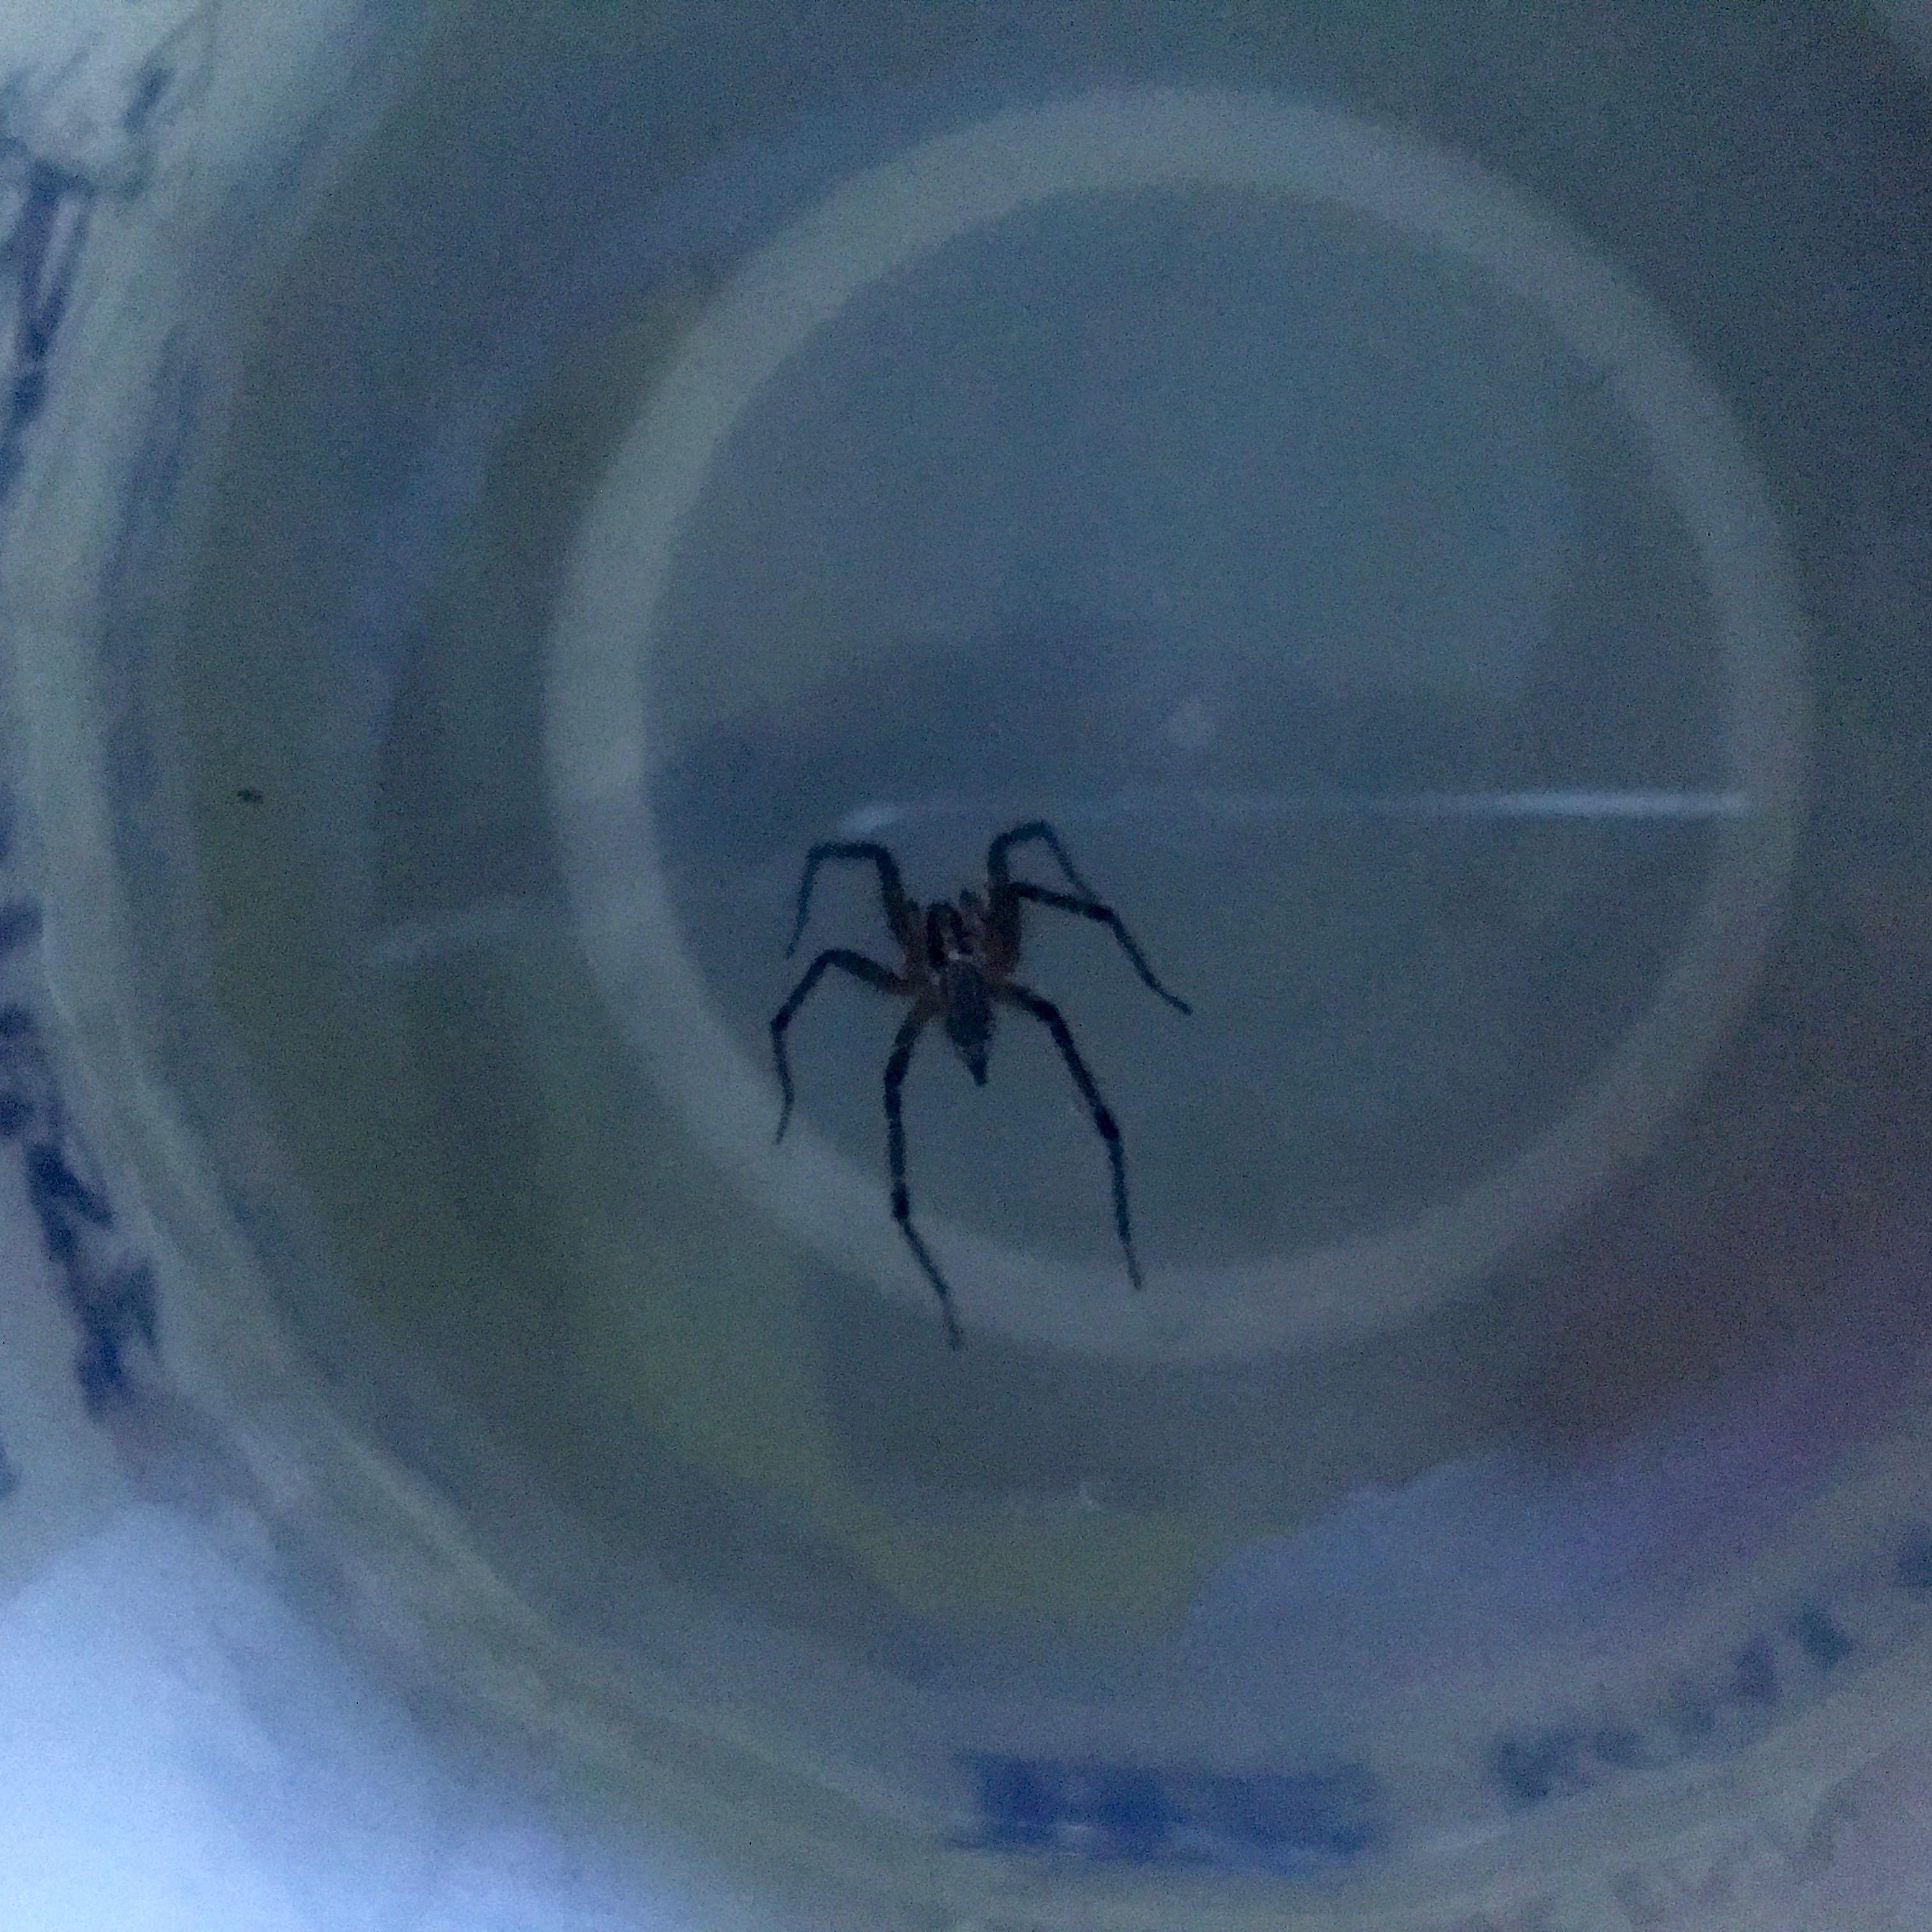 spider in jug